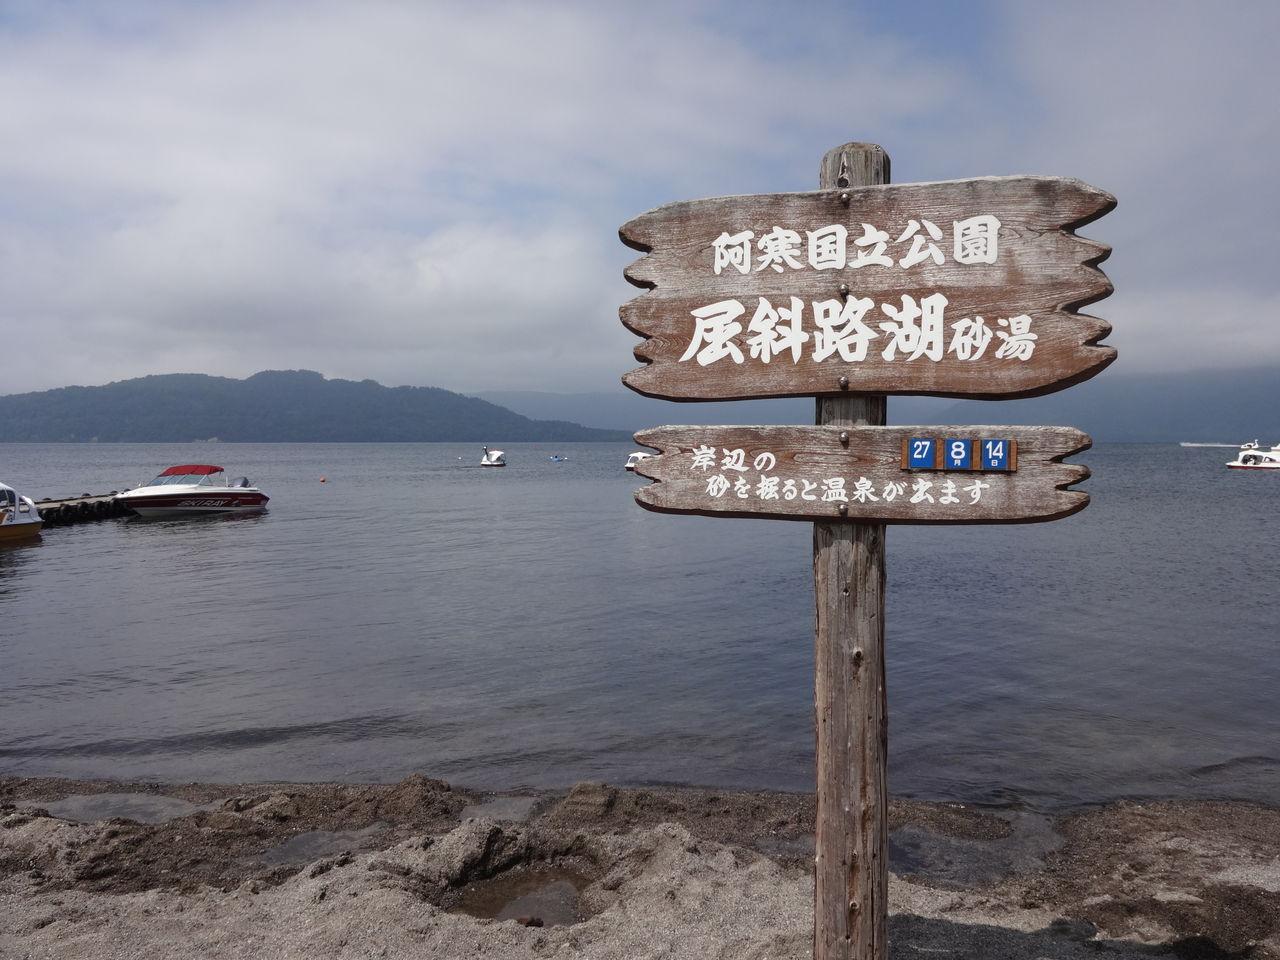 カメラ 摩周 湖 ライブ